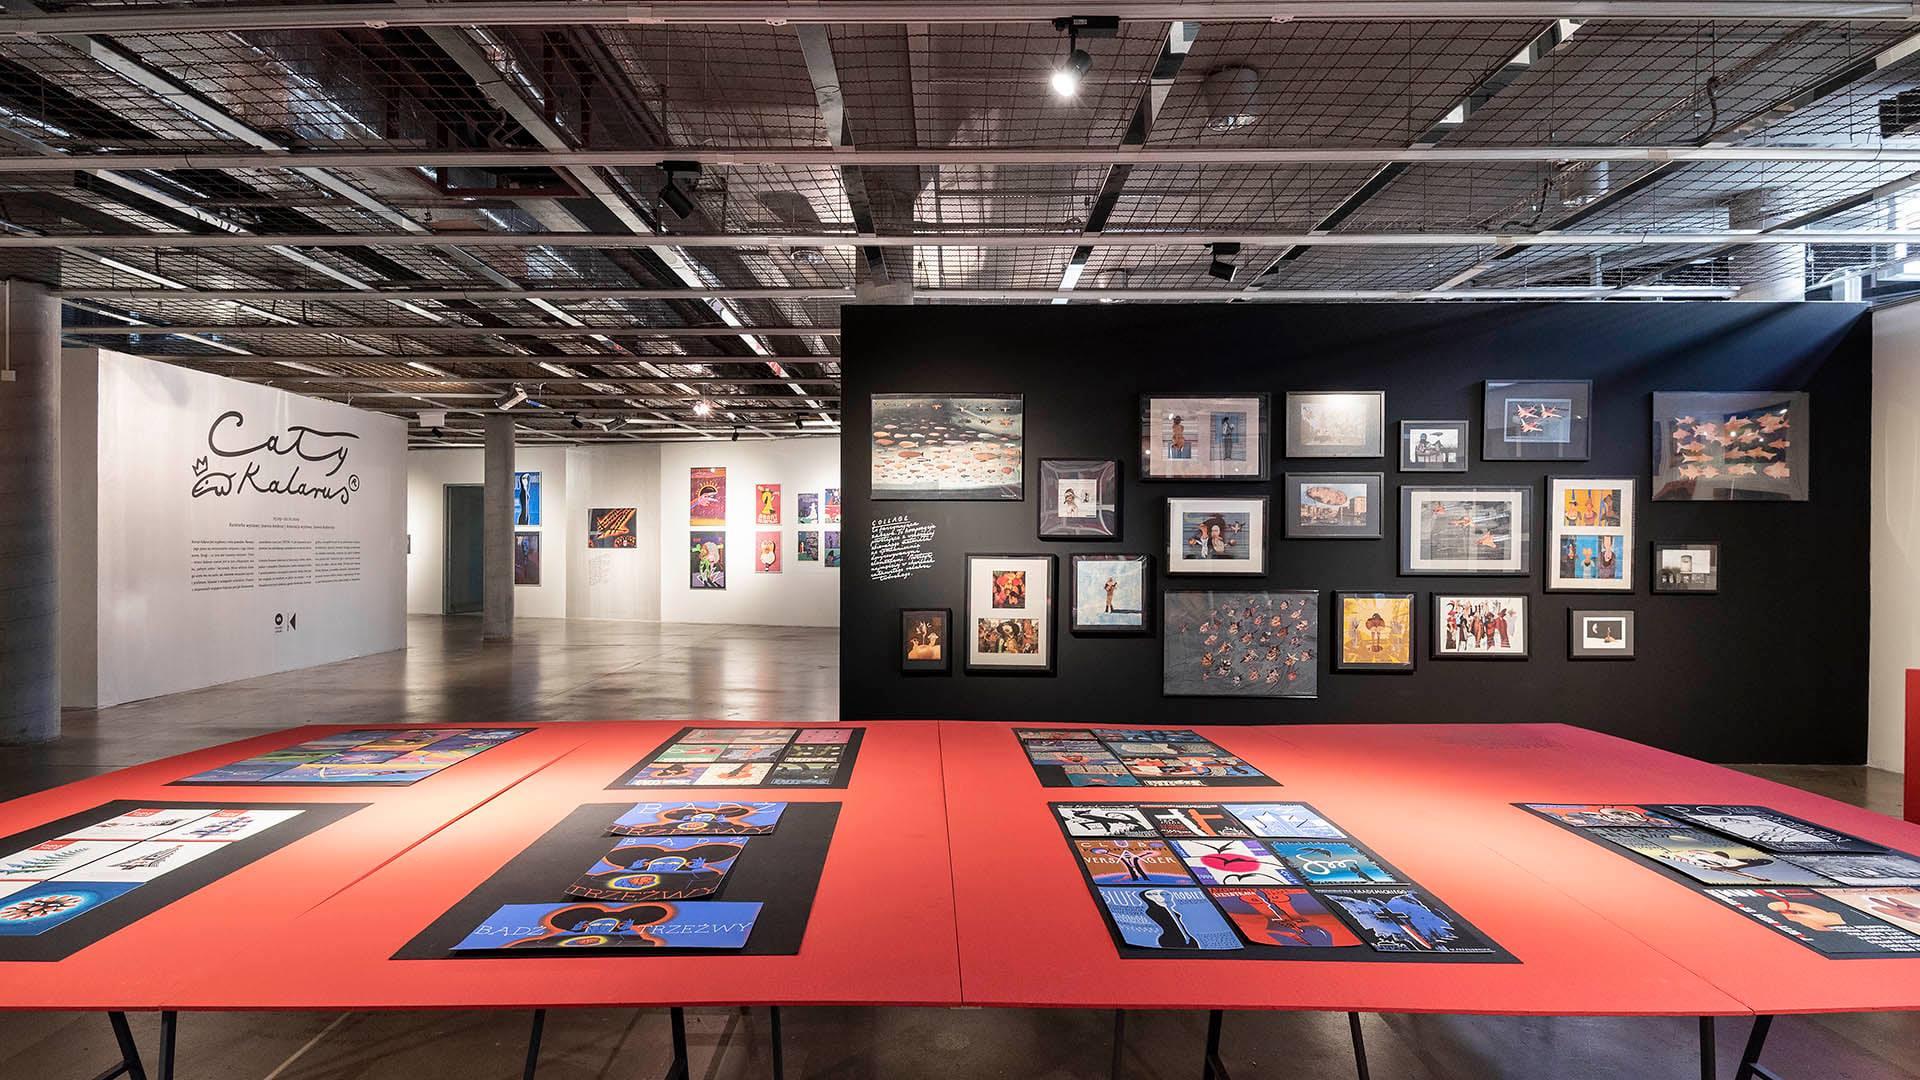 """Exhibition """"Cały Kalarus"""" - Joanna Kubieniec i Katarzyna Długosz - Biuro architektoniczne w Katowicach"""